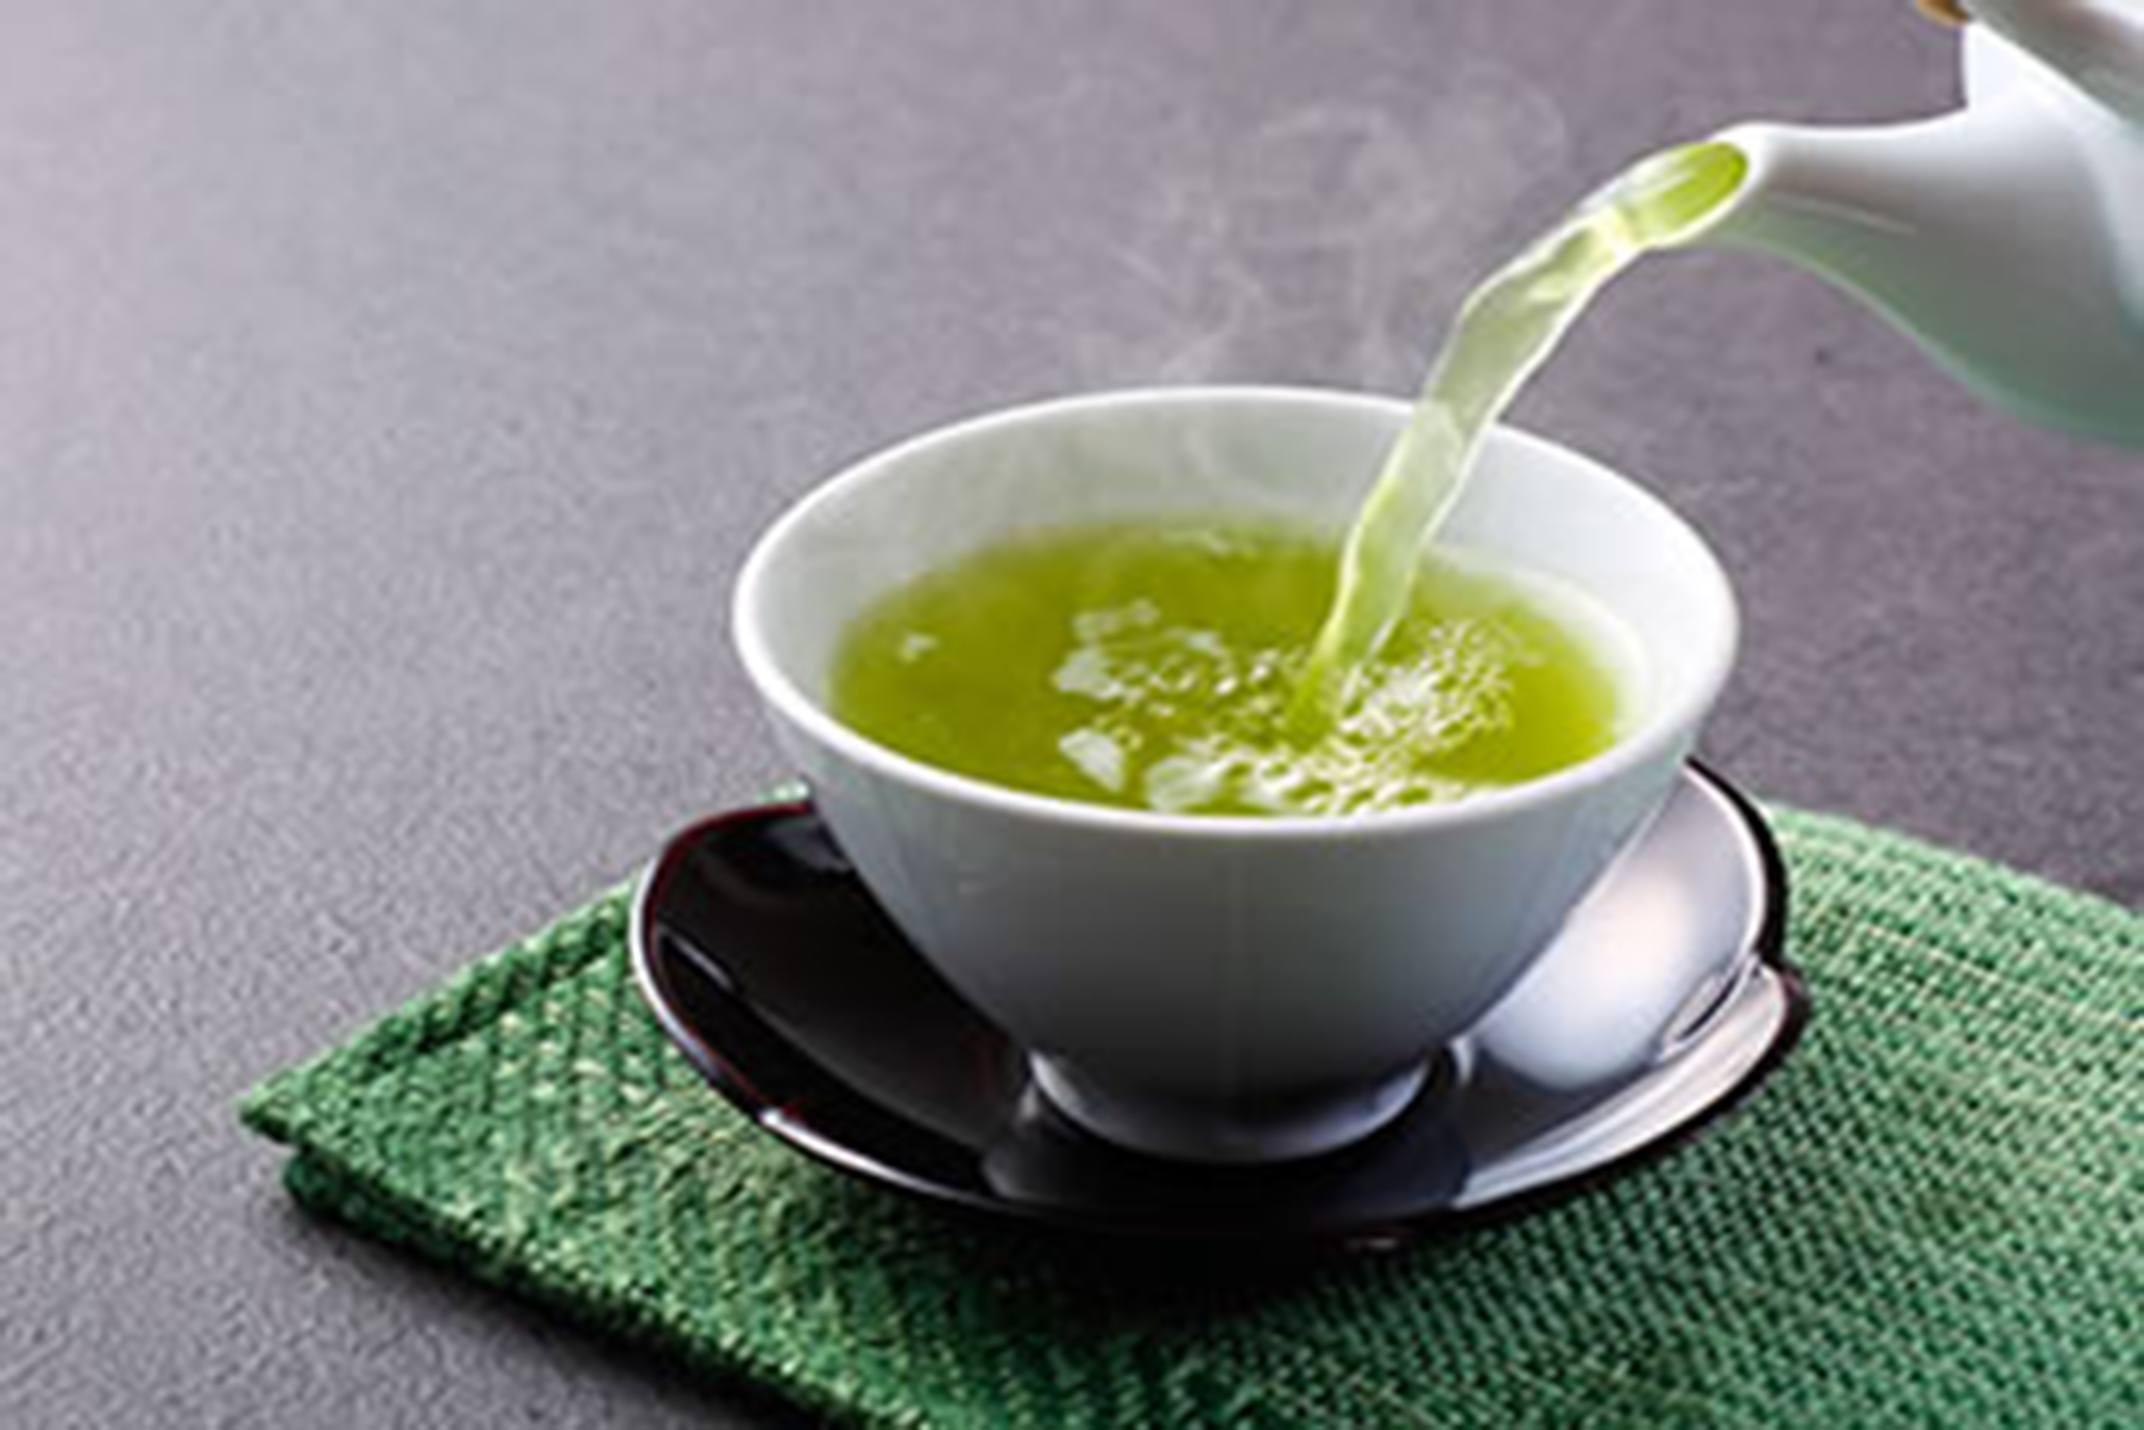 Chá Verde Rico em Catequinas Melhora a Glicose Pós-Prandial em Menopausadas